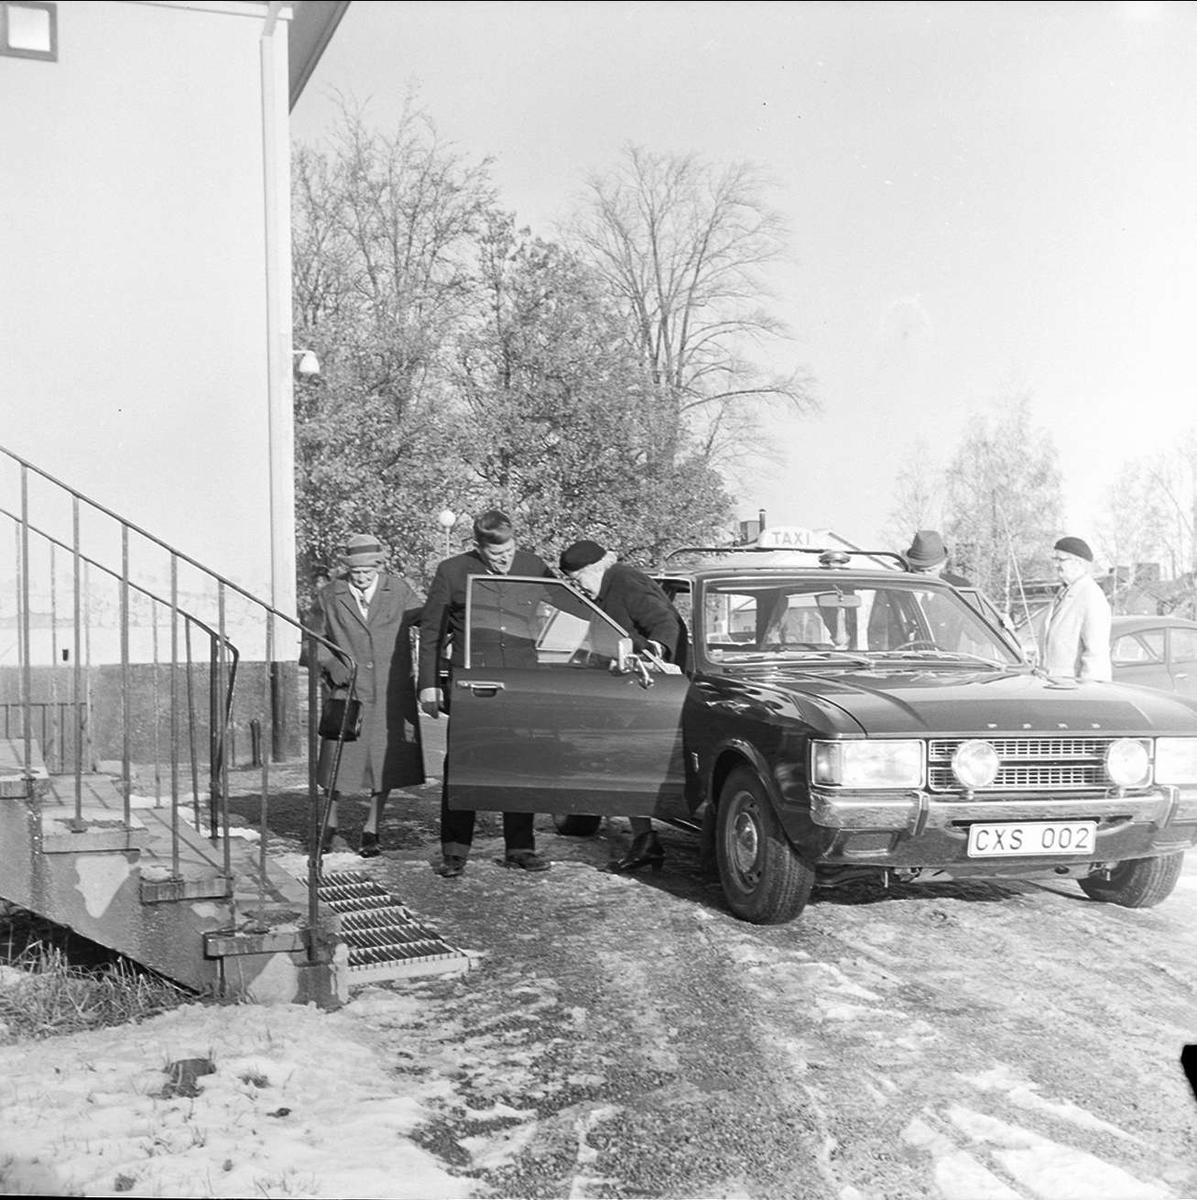 Söderfors pensionärsförening har samkväm i gamla skolan, Söderfors bruk, Uppland oktober 1972